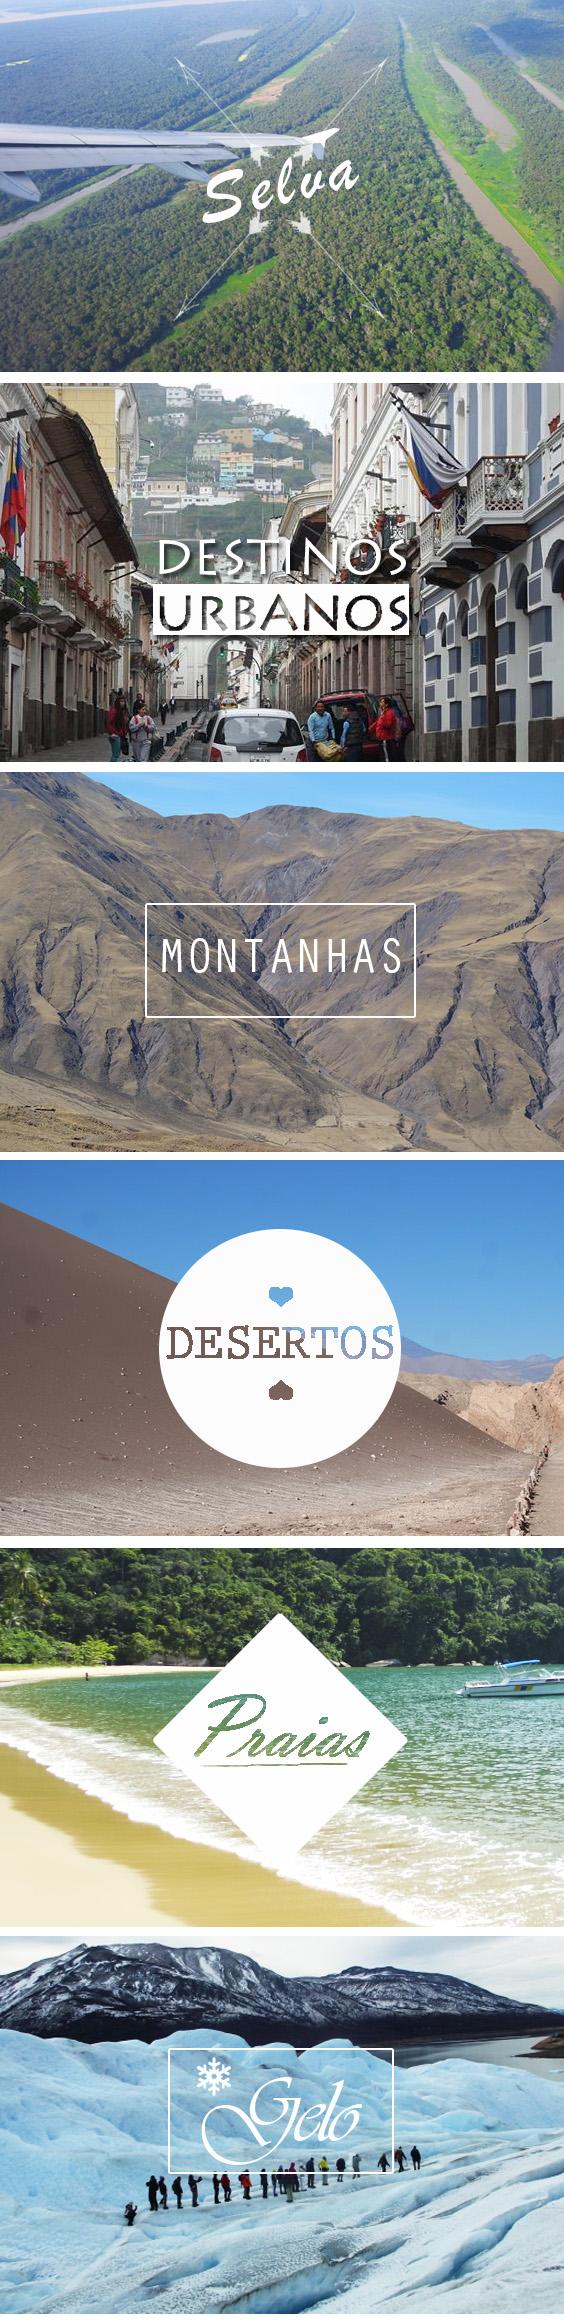 6 tipos de destinos na América do Sul - SOUTH AMERICA